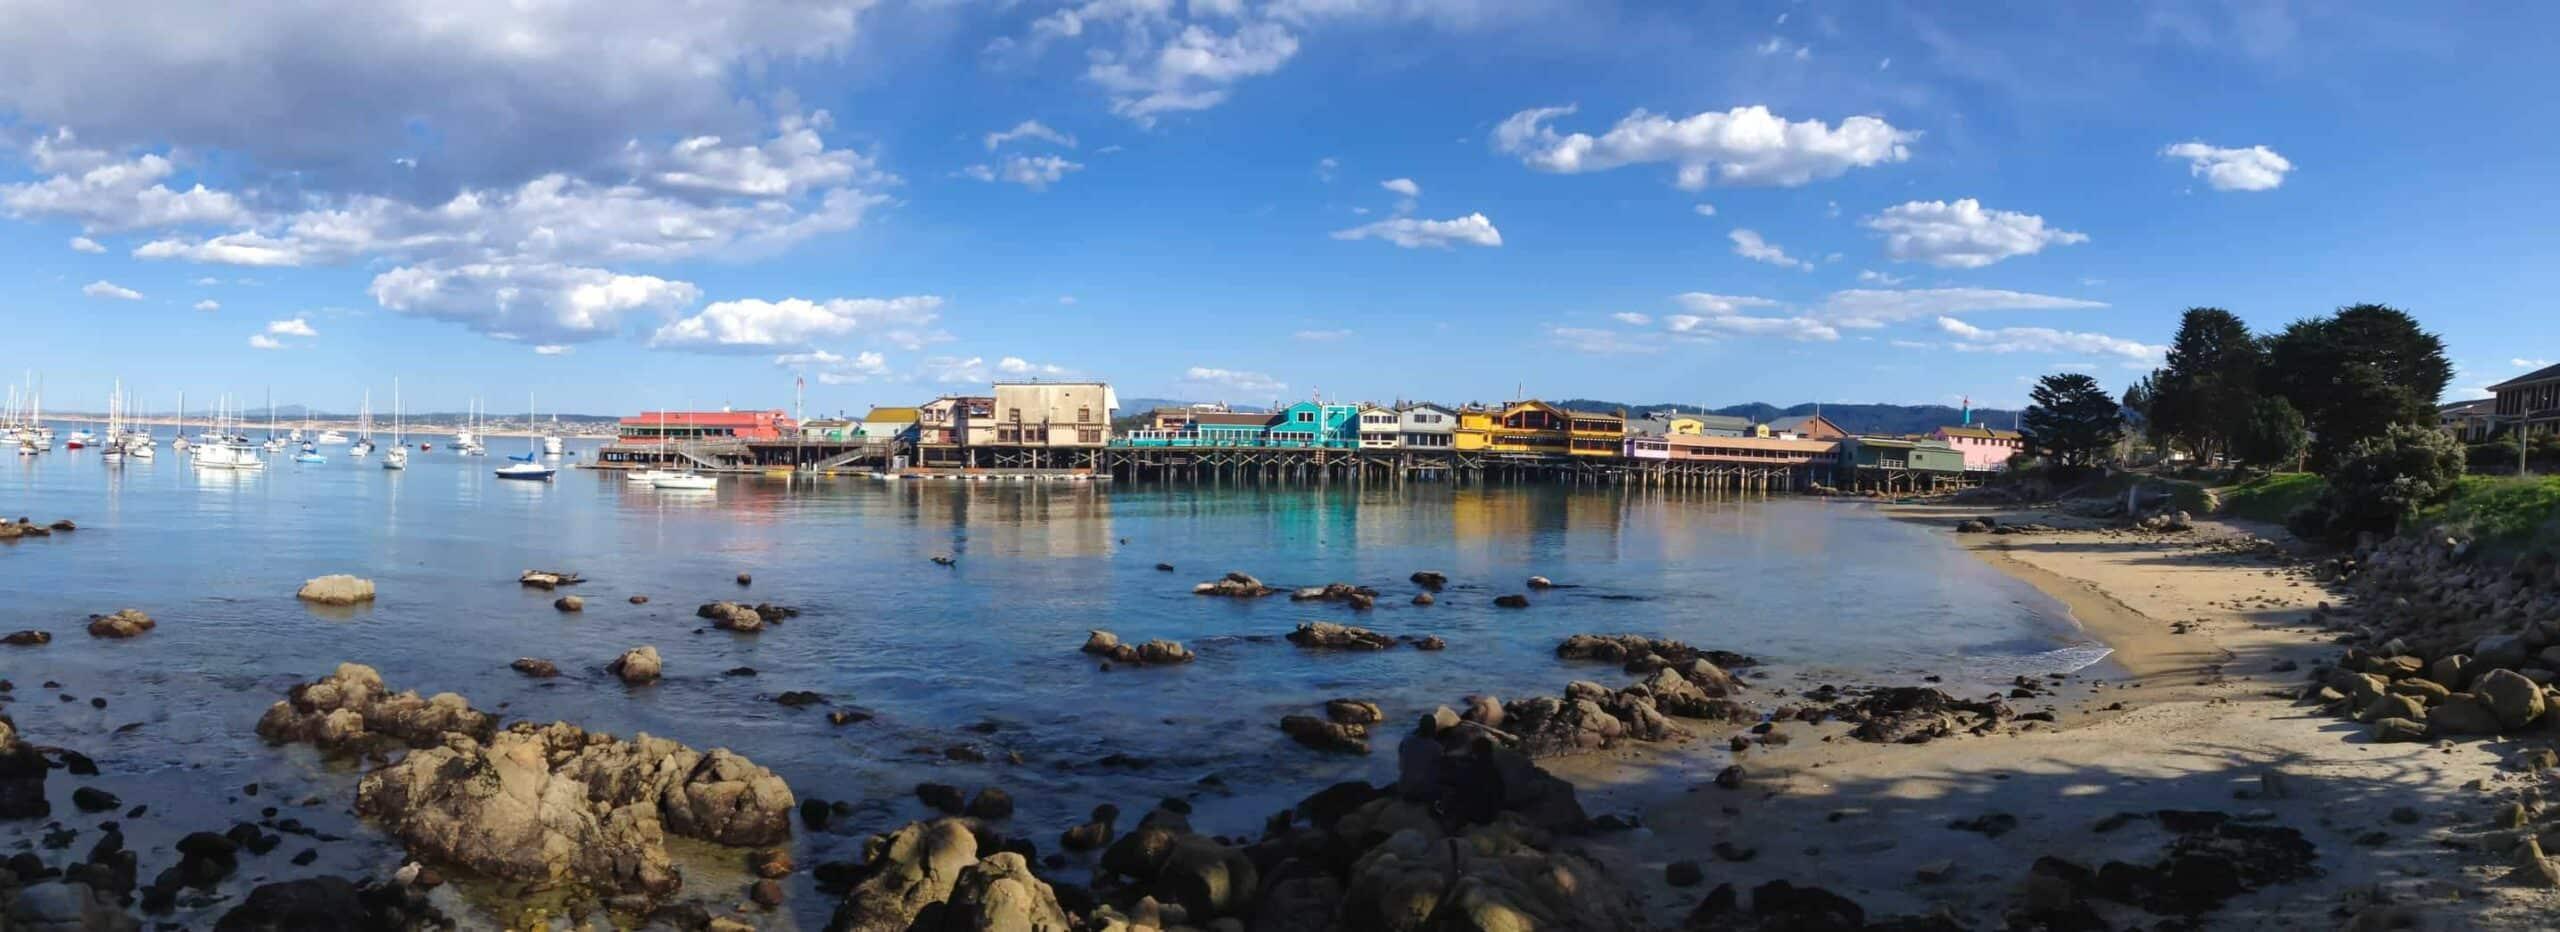 Panoramic View of Fisherman's Wharf at Monterey Bay California